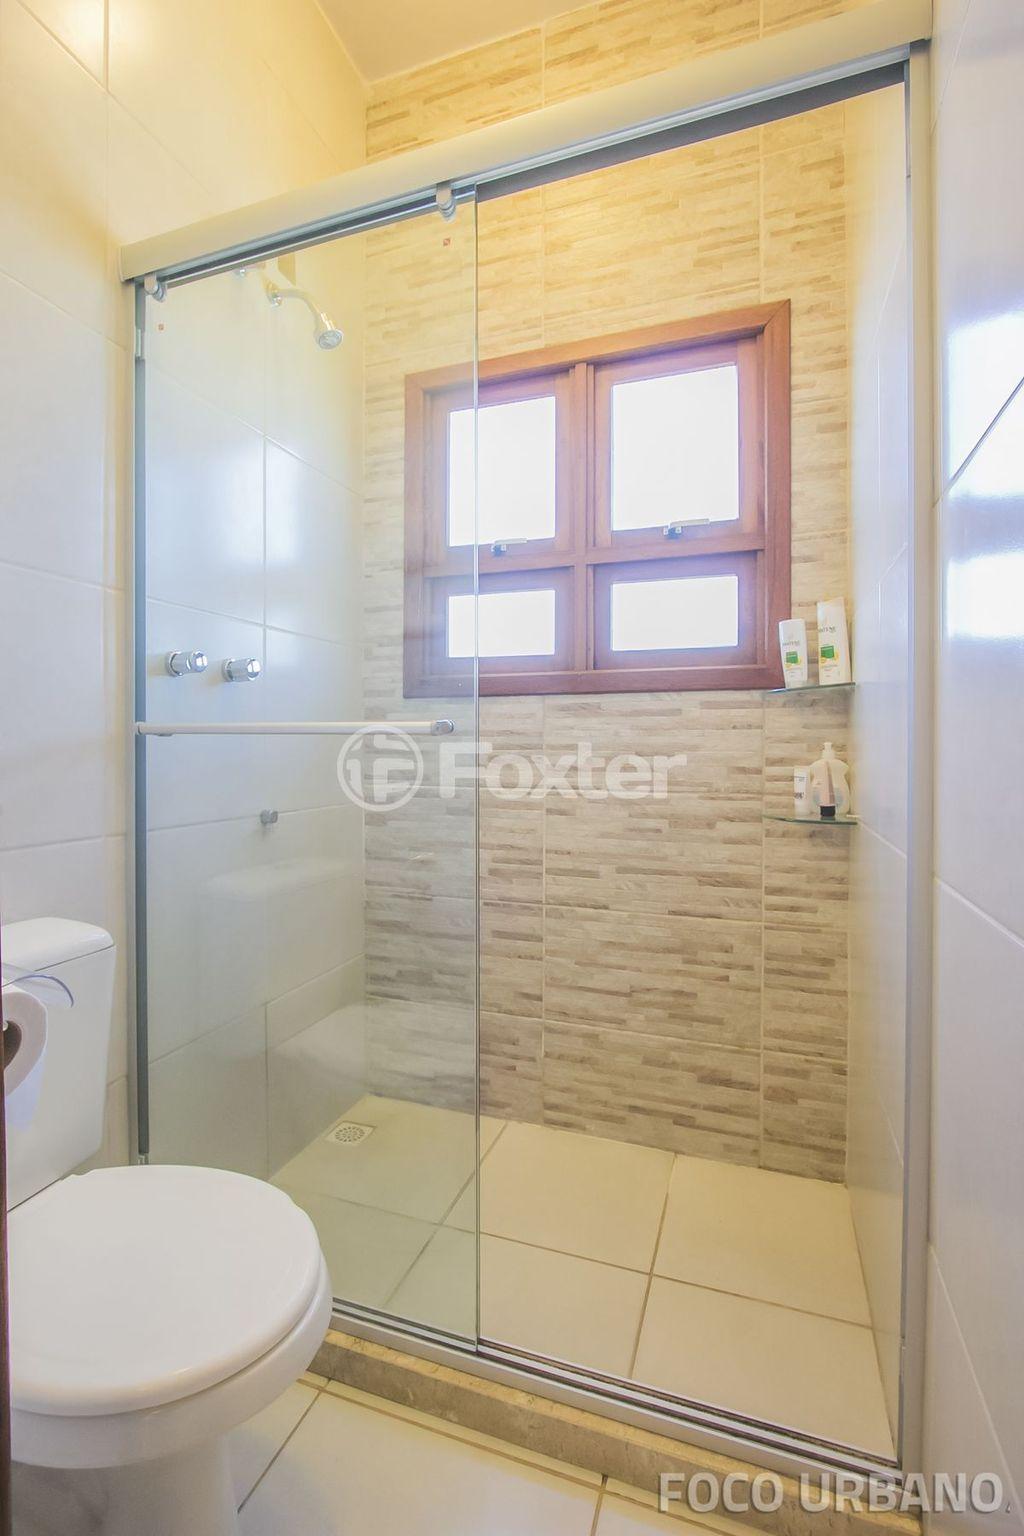 Foxter Imobiliária - Casa 3 Dorm, Vila Jardim - Foto 34